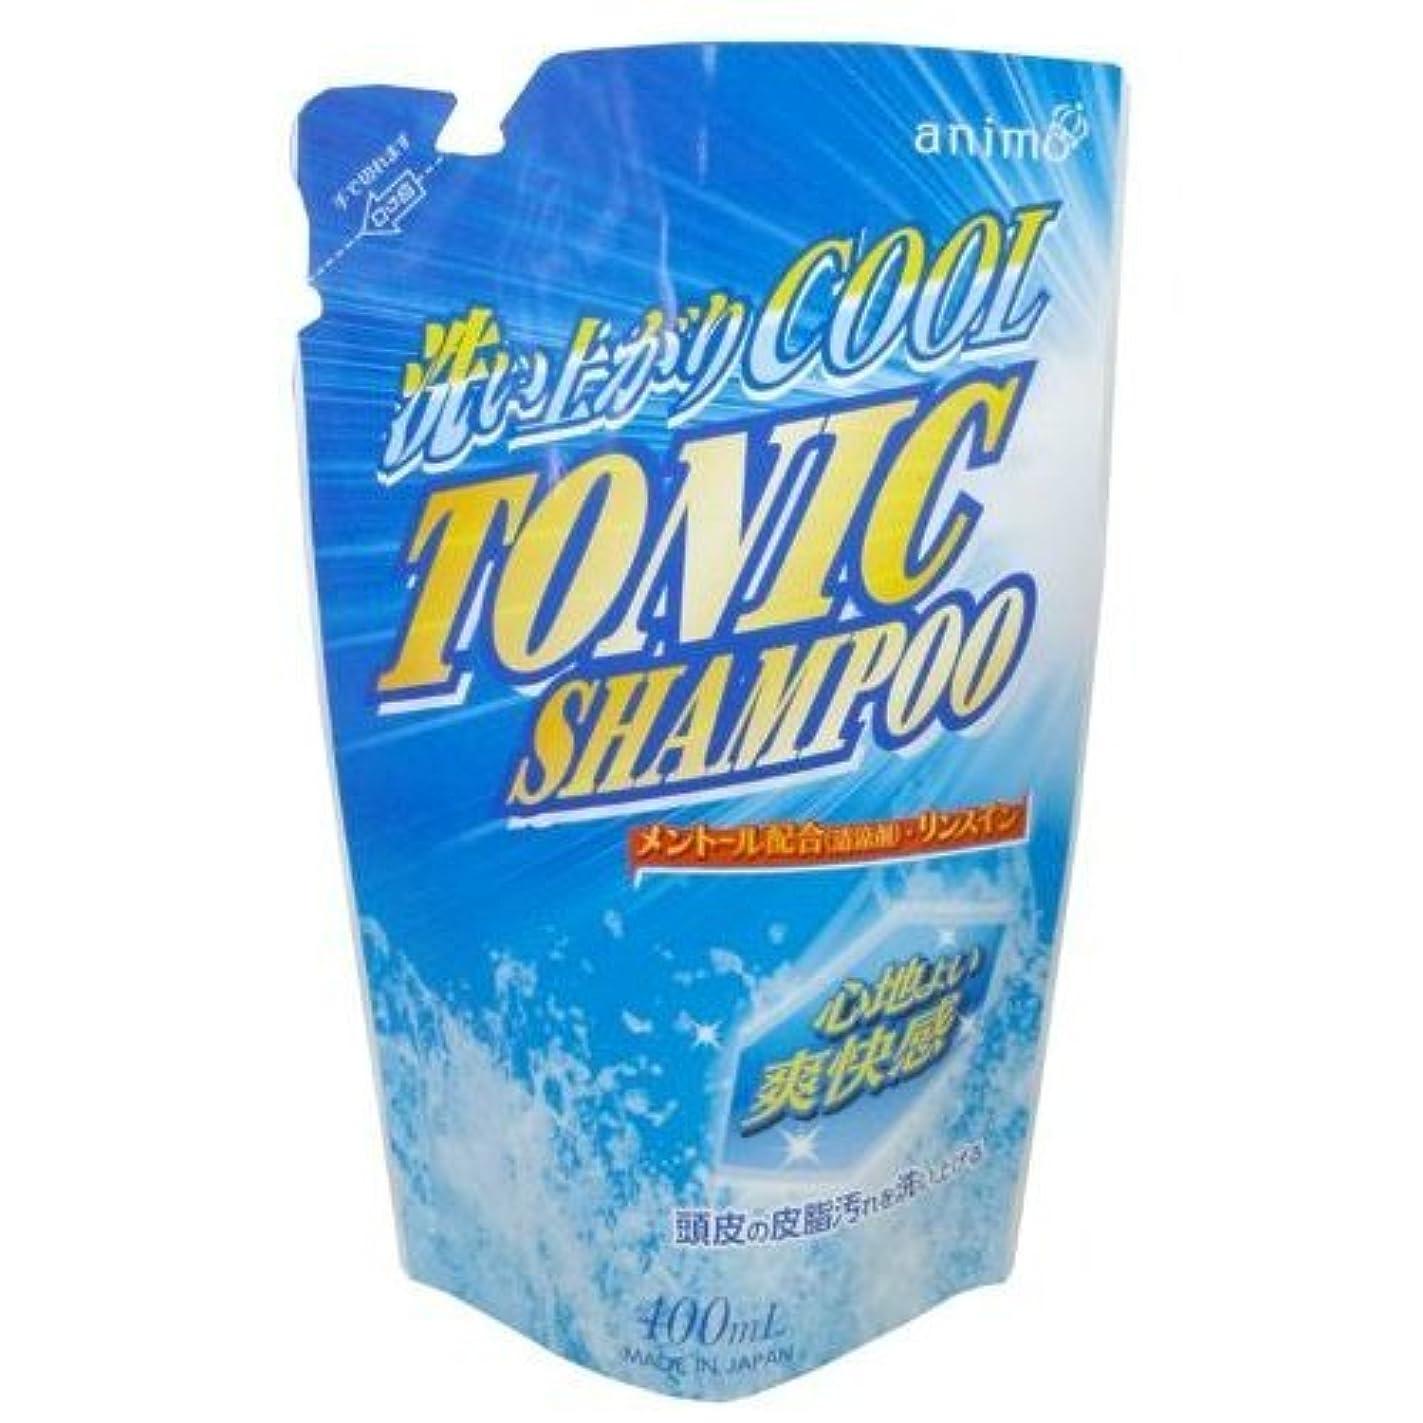 専門化する酔う適応するロケット石鹸 トニックシャンプー 詰替用 400ml (4571113801403)